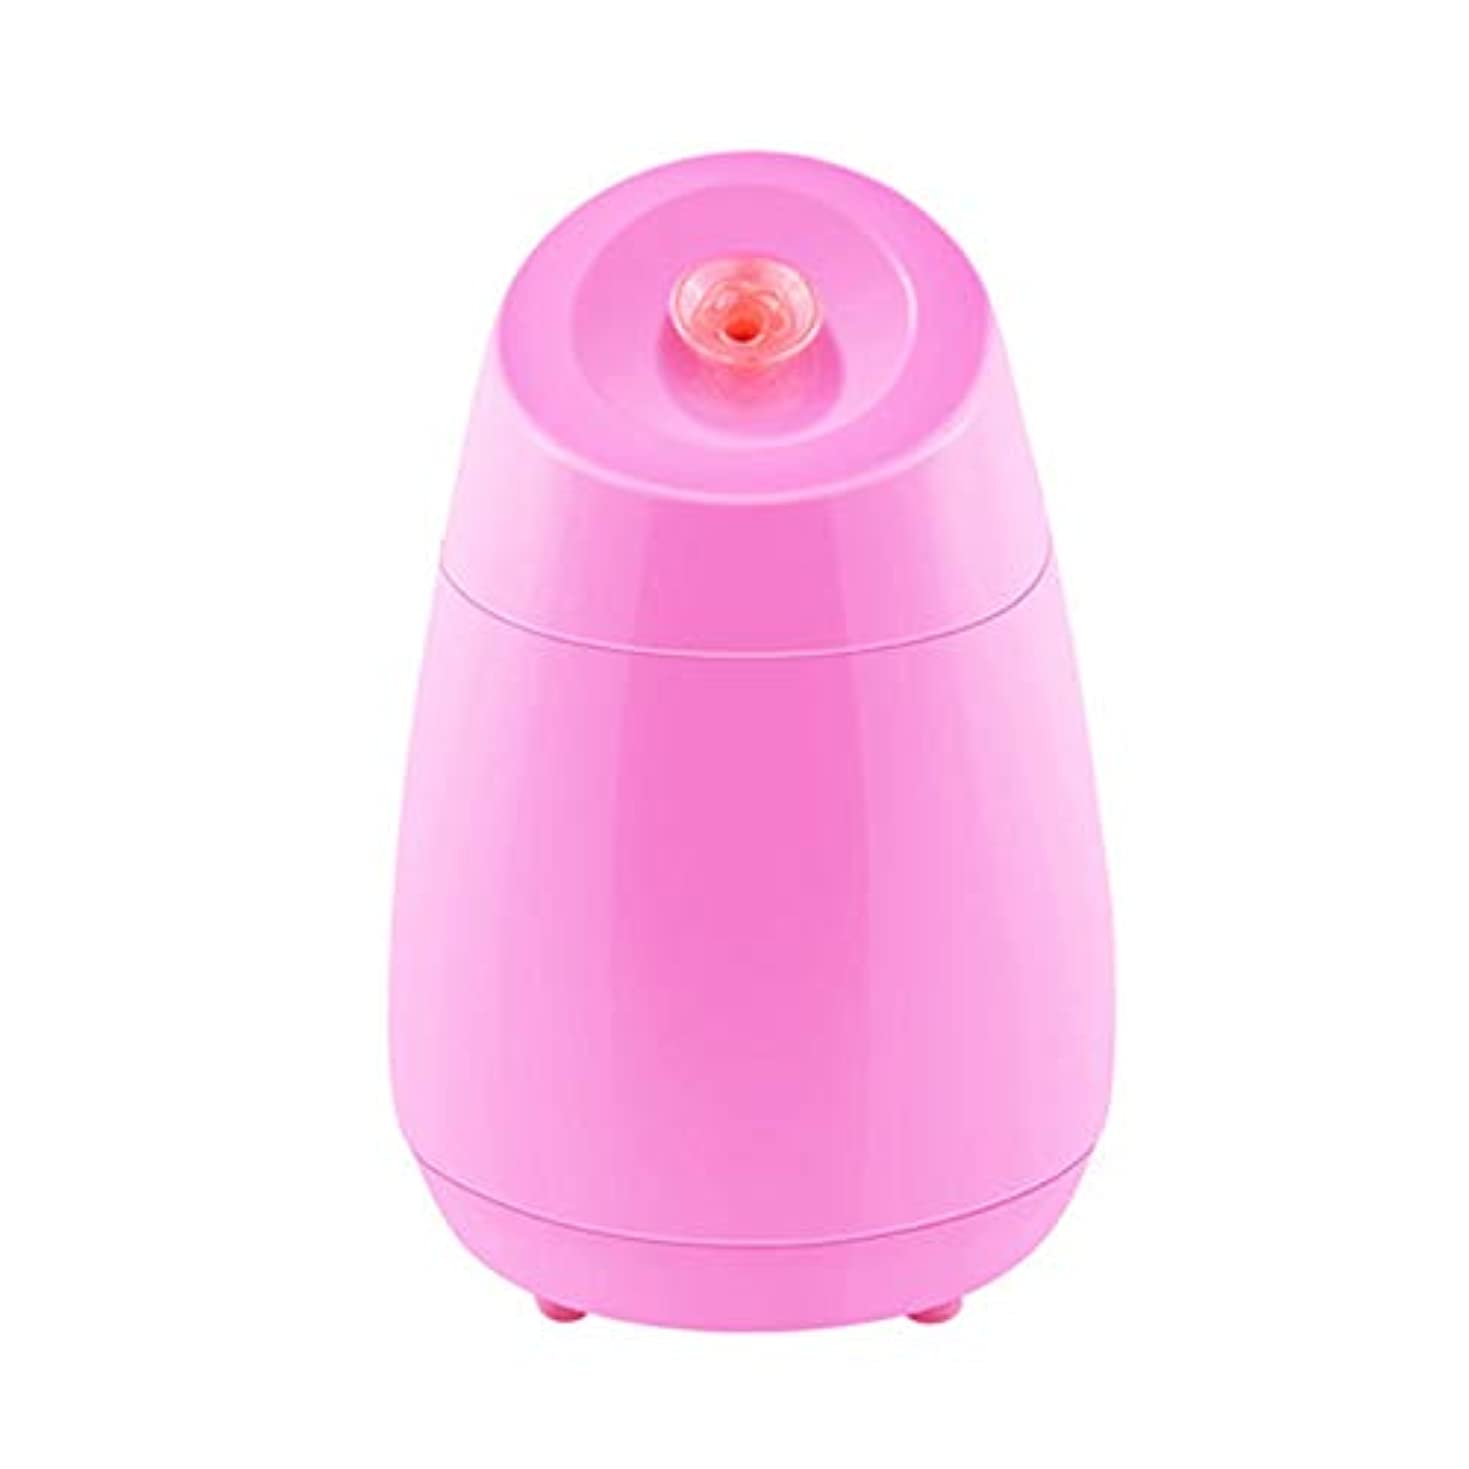 塗抹嫌がらせ膨らませるZXF ナノスプレー水道メーター美容機器ABS材料ホットスプレーフルーツと野菜の蒸し顔ホームフェイシャルフェイシャルフェイスブルーセクションピンク 滑らかである (色 : Pink)